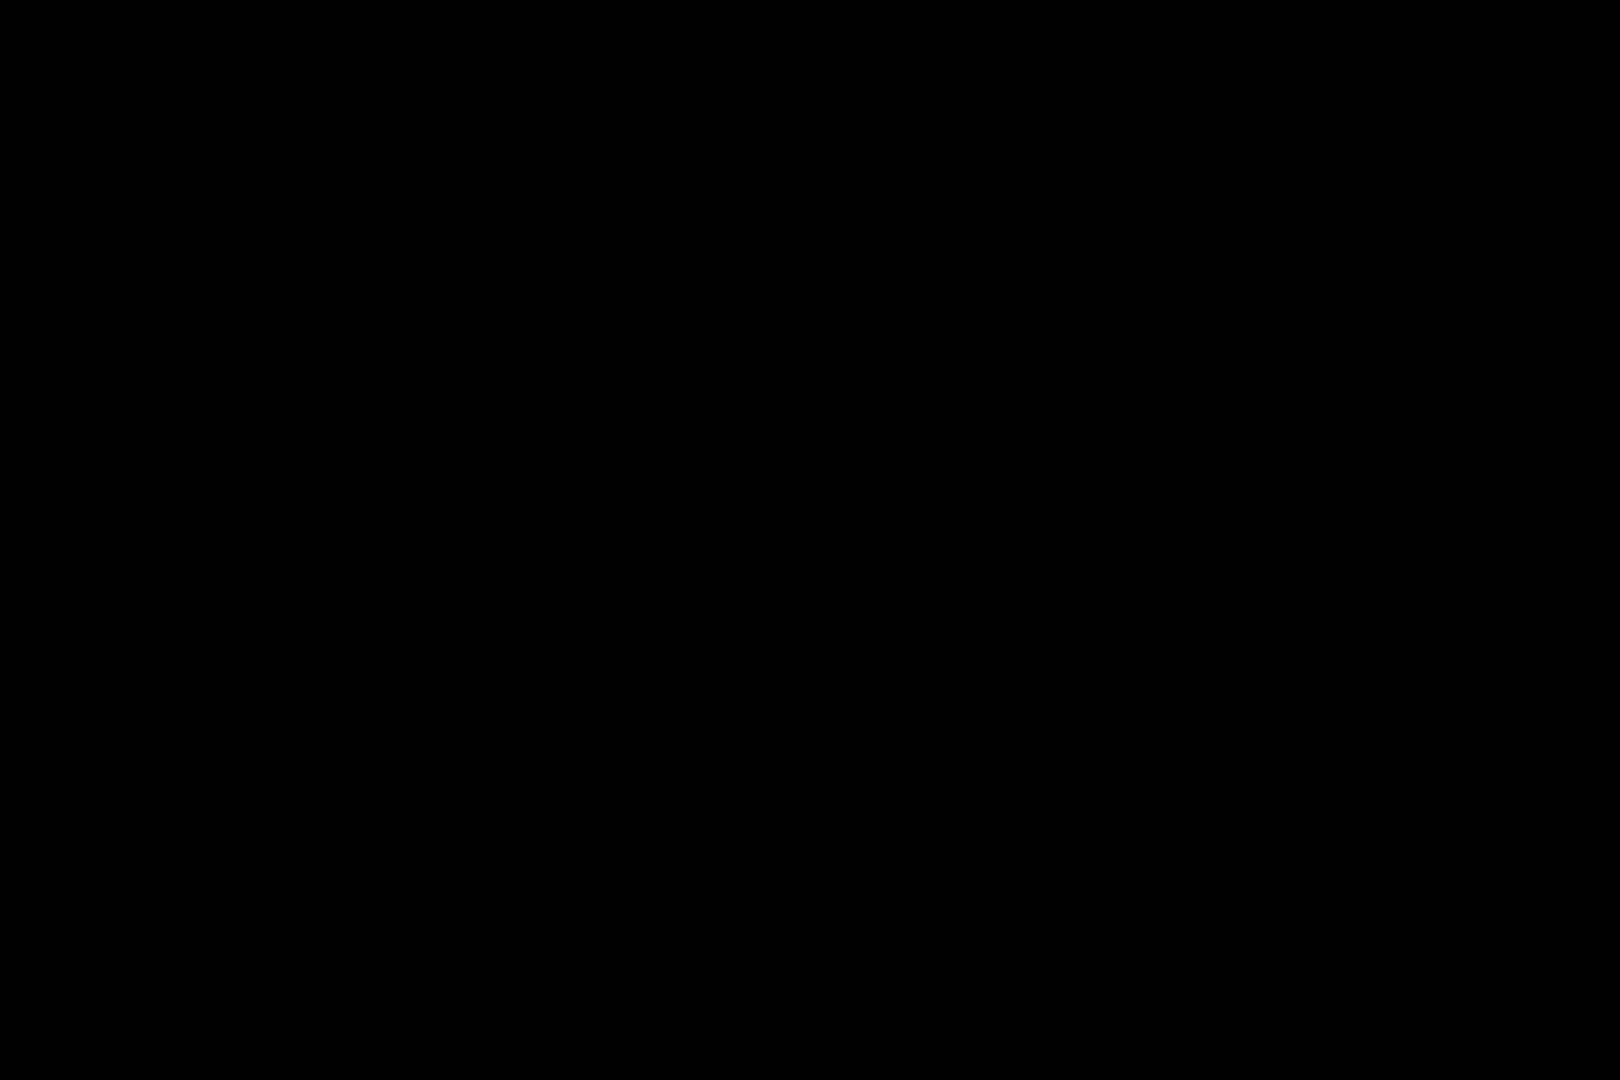 三ツ星シリーズ 魅惑のMemorial Night!! vol.04 フェラ  79pic